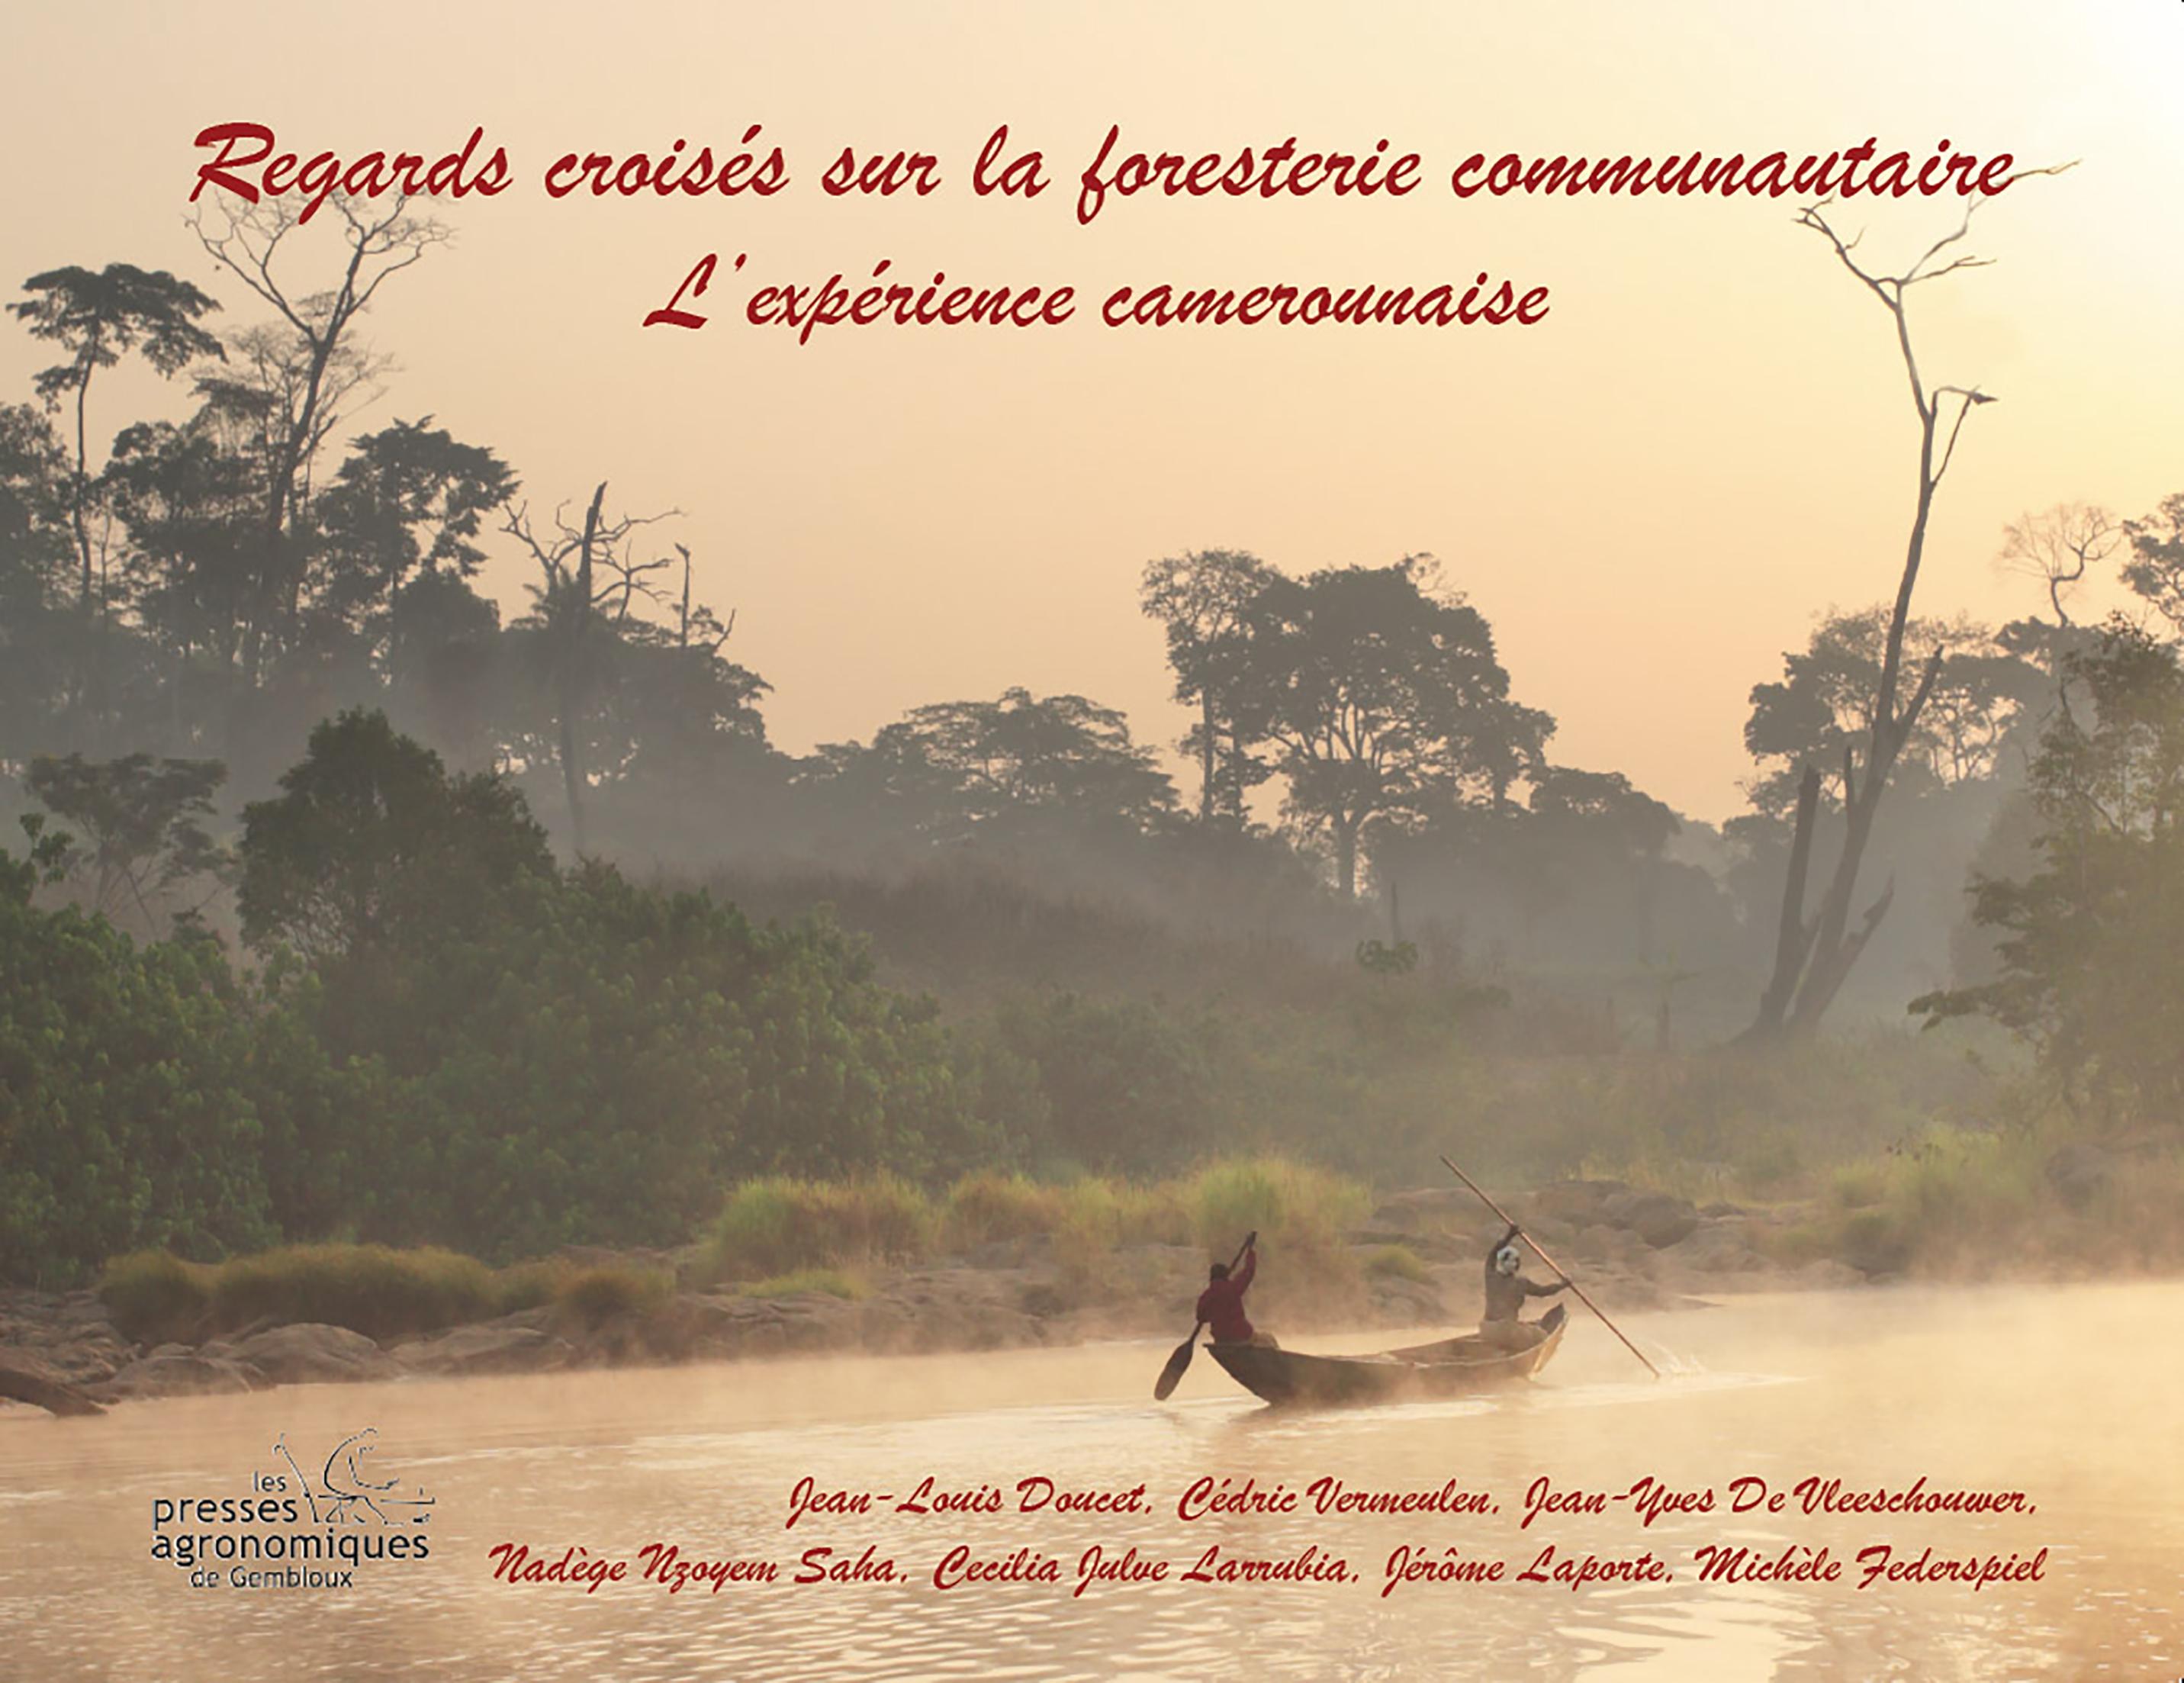 REGARDS CROISES SUR LA FORESTERIE COMMUNAUTAIRE. L'EXPERIENCE CAMEROUNAISE